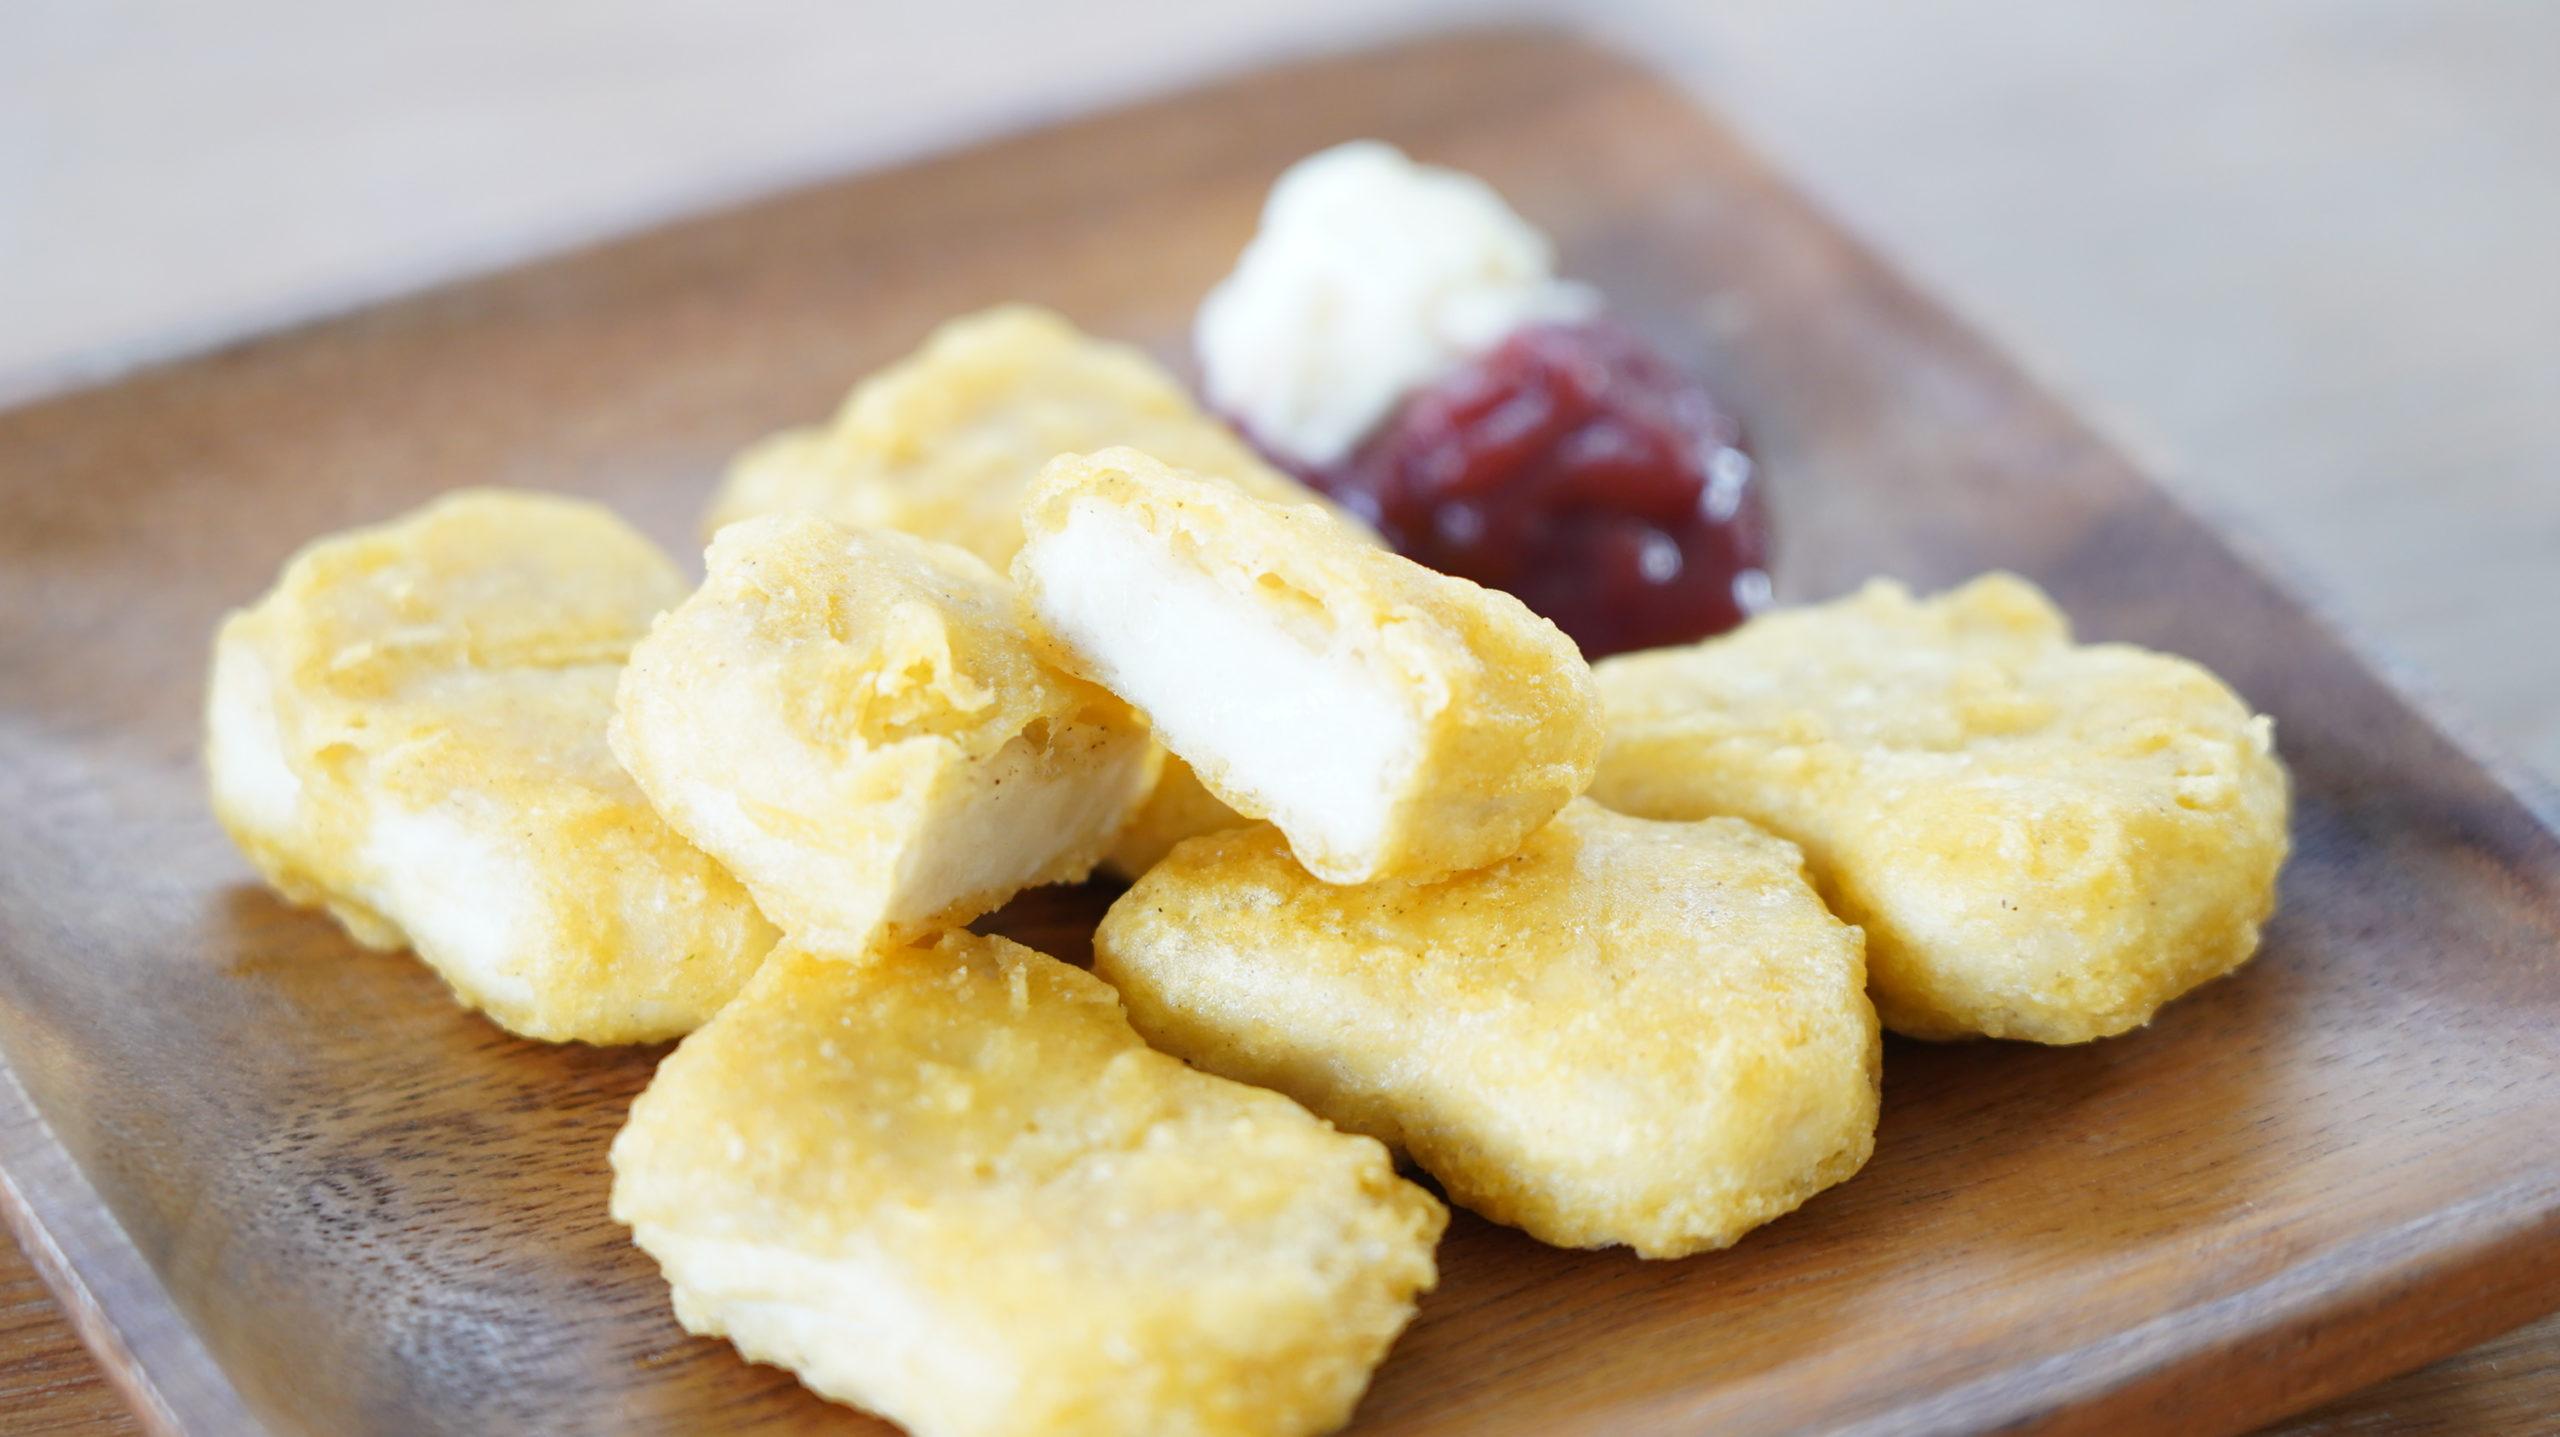 コストコの冷凍食品「CP チキンナゲット」の断面の写真